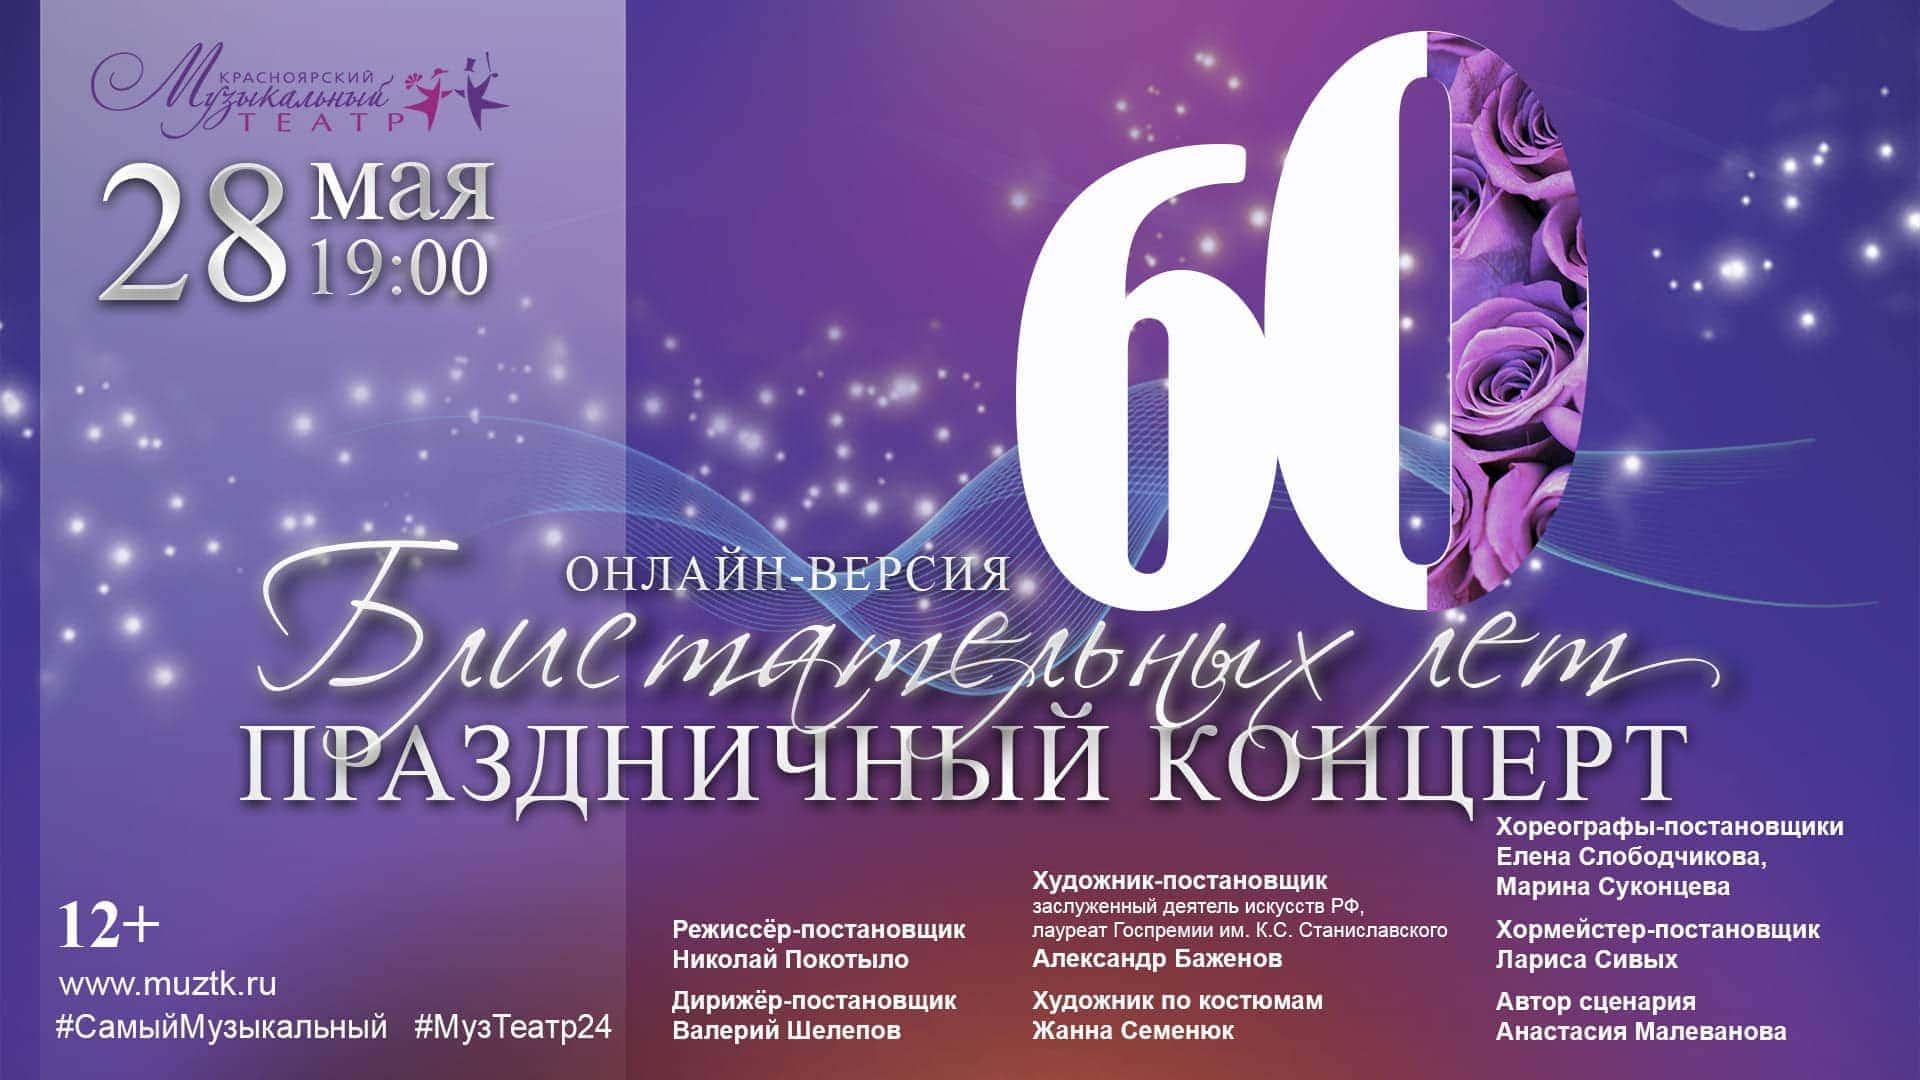 Красноярский театр покажет видеоверсию юбилейного концерта